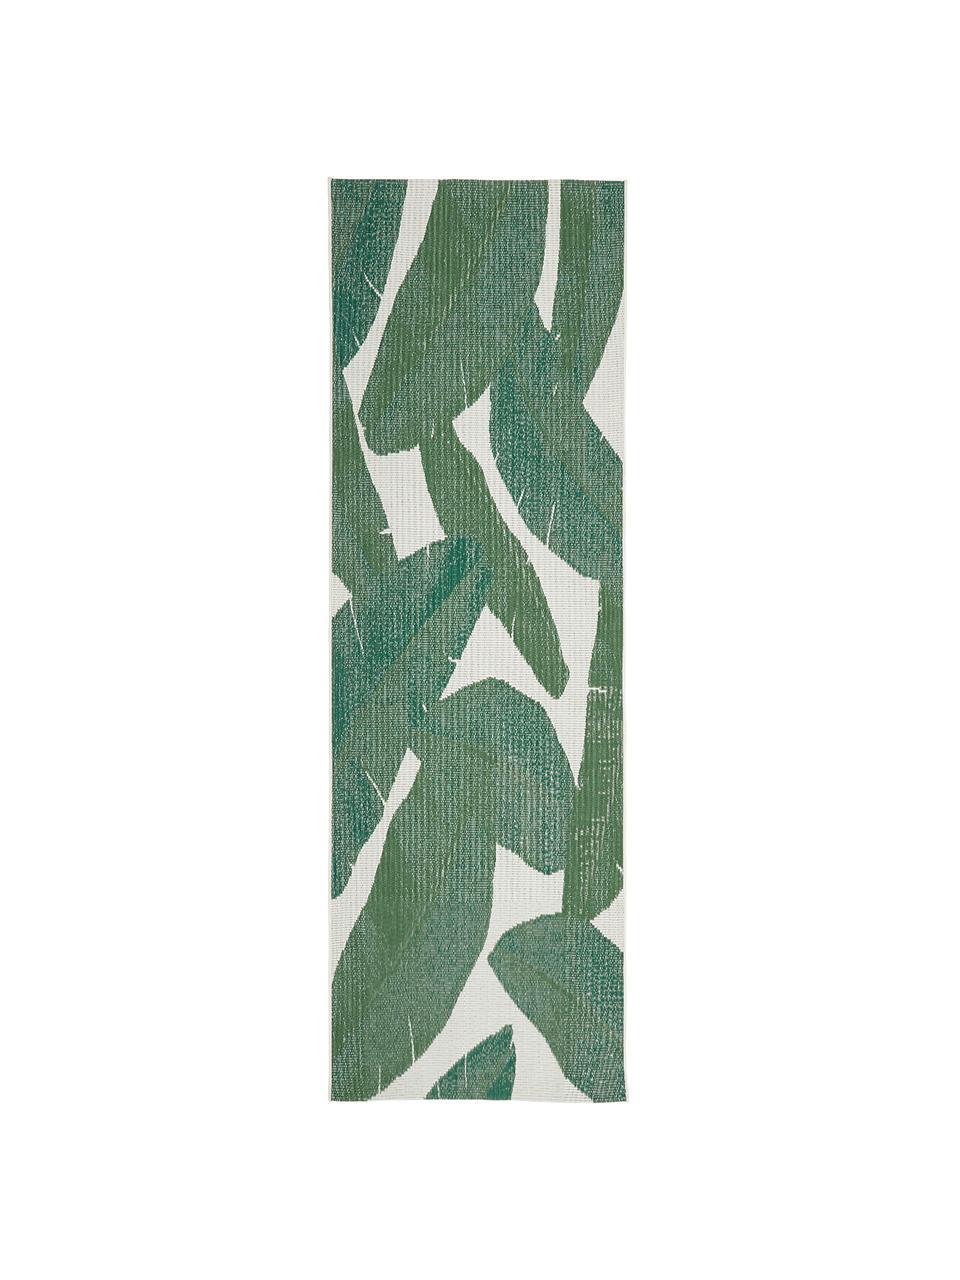 Passatoia da interno-esterno con motivo foglie Jungle, 86% polipropilene, 14% poliestere, Bianco crema, verde, Larg. 80 x Lung. 250 cm